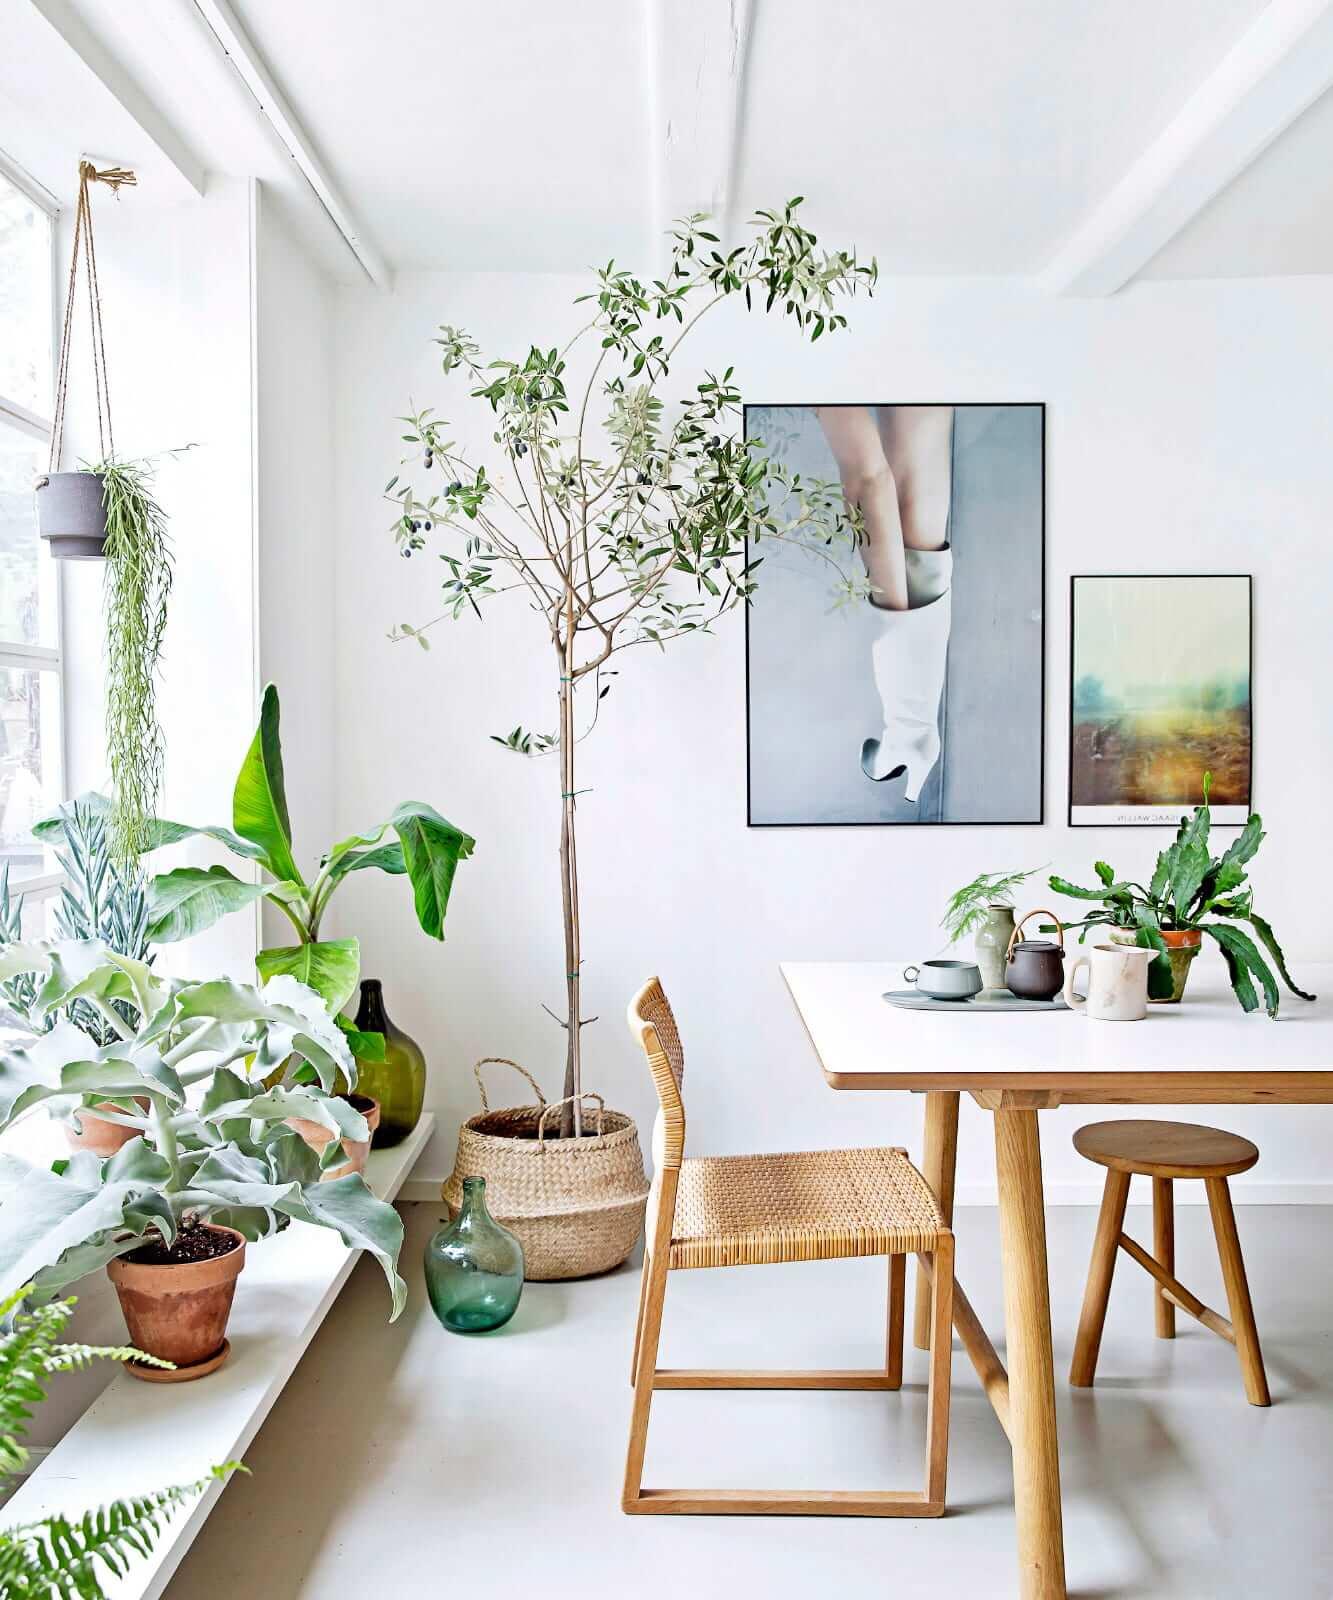 6 Tricks to Bring Nature Indoors With Biophilic Design - Moodfit on ecological design, media design, office design, boom gate design, water design, organic architecture design, principles of design, evidence-based design, landscape design, barrier design,